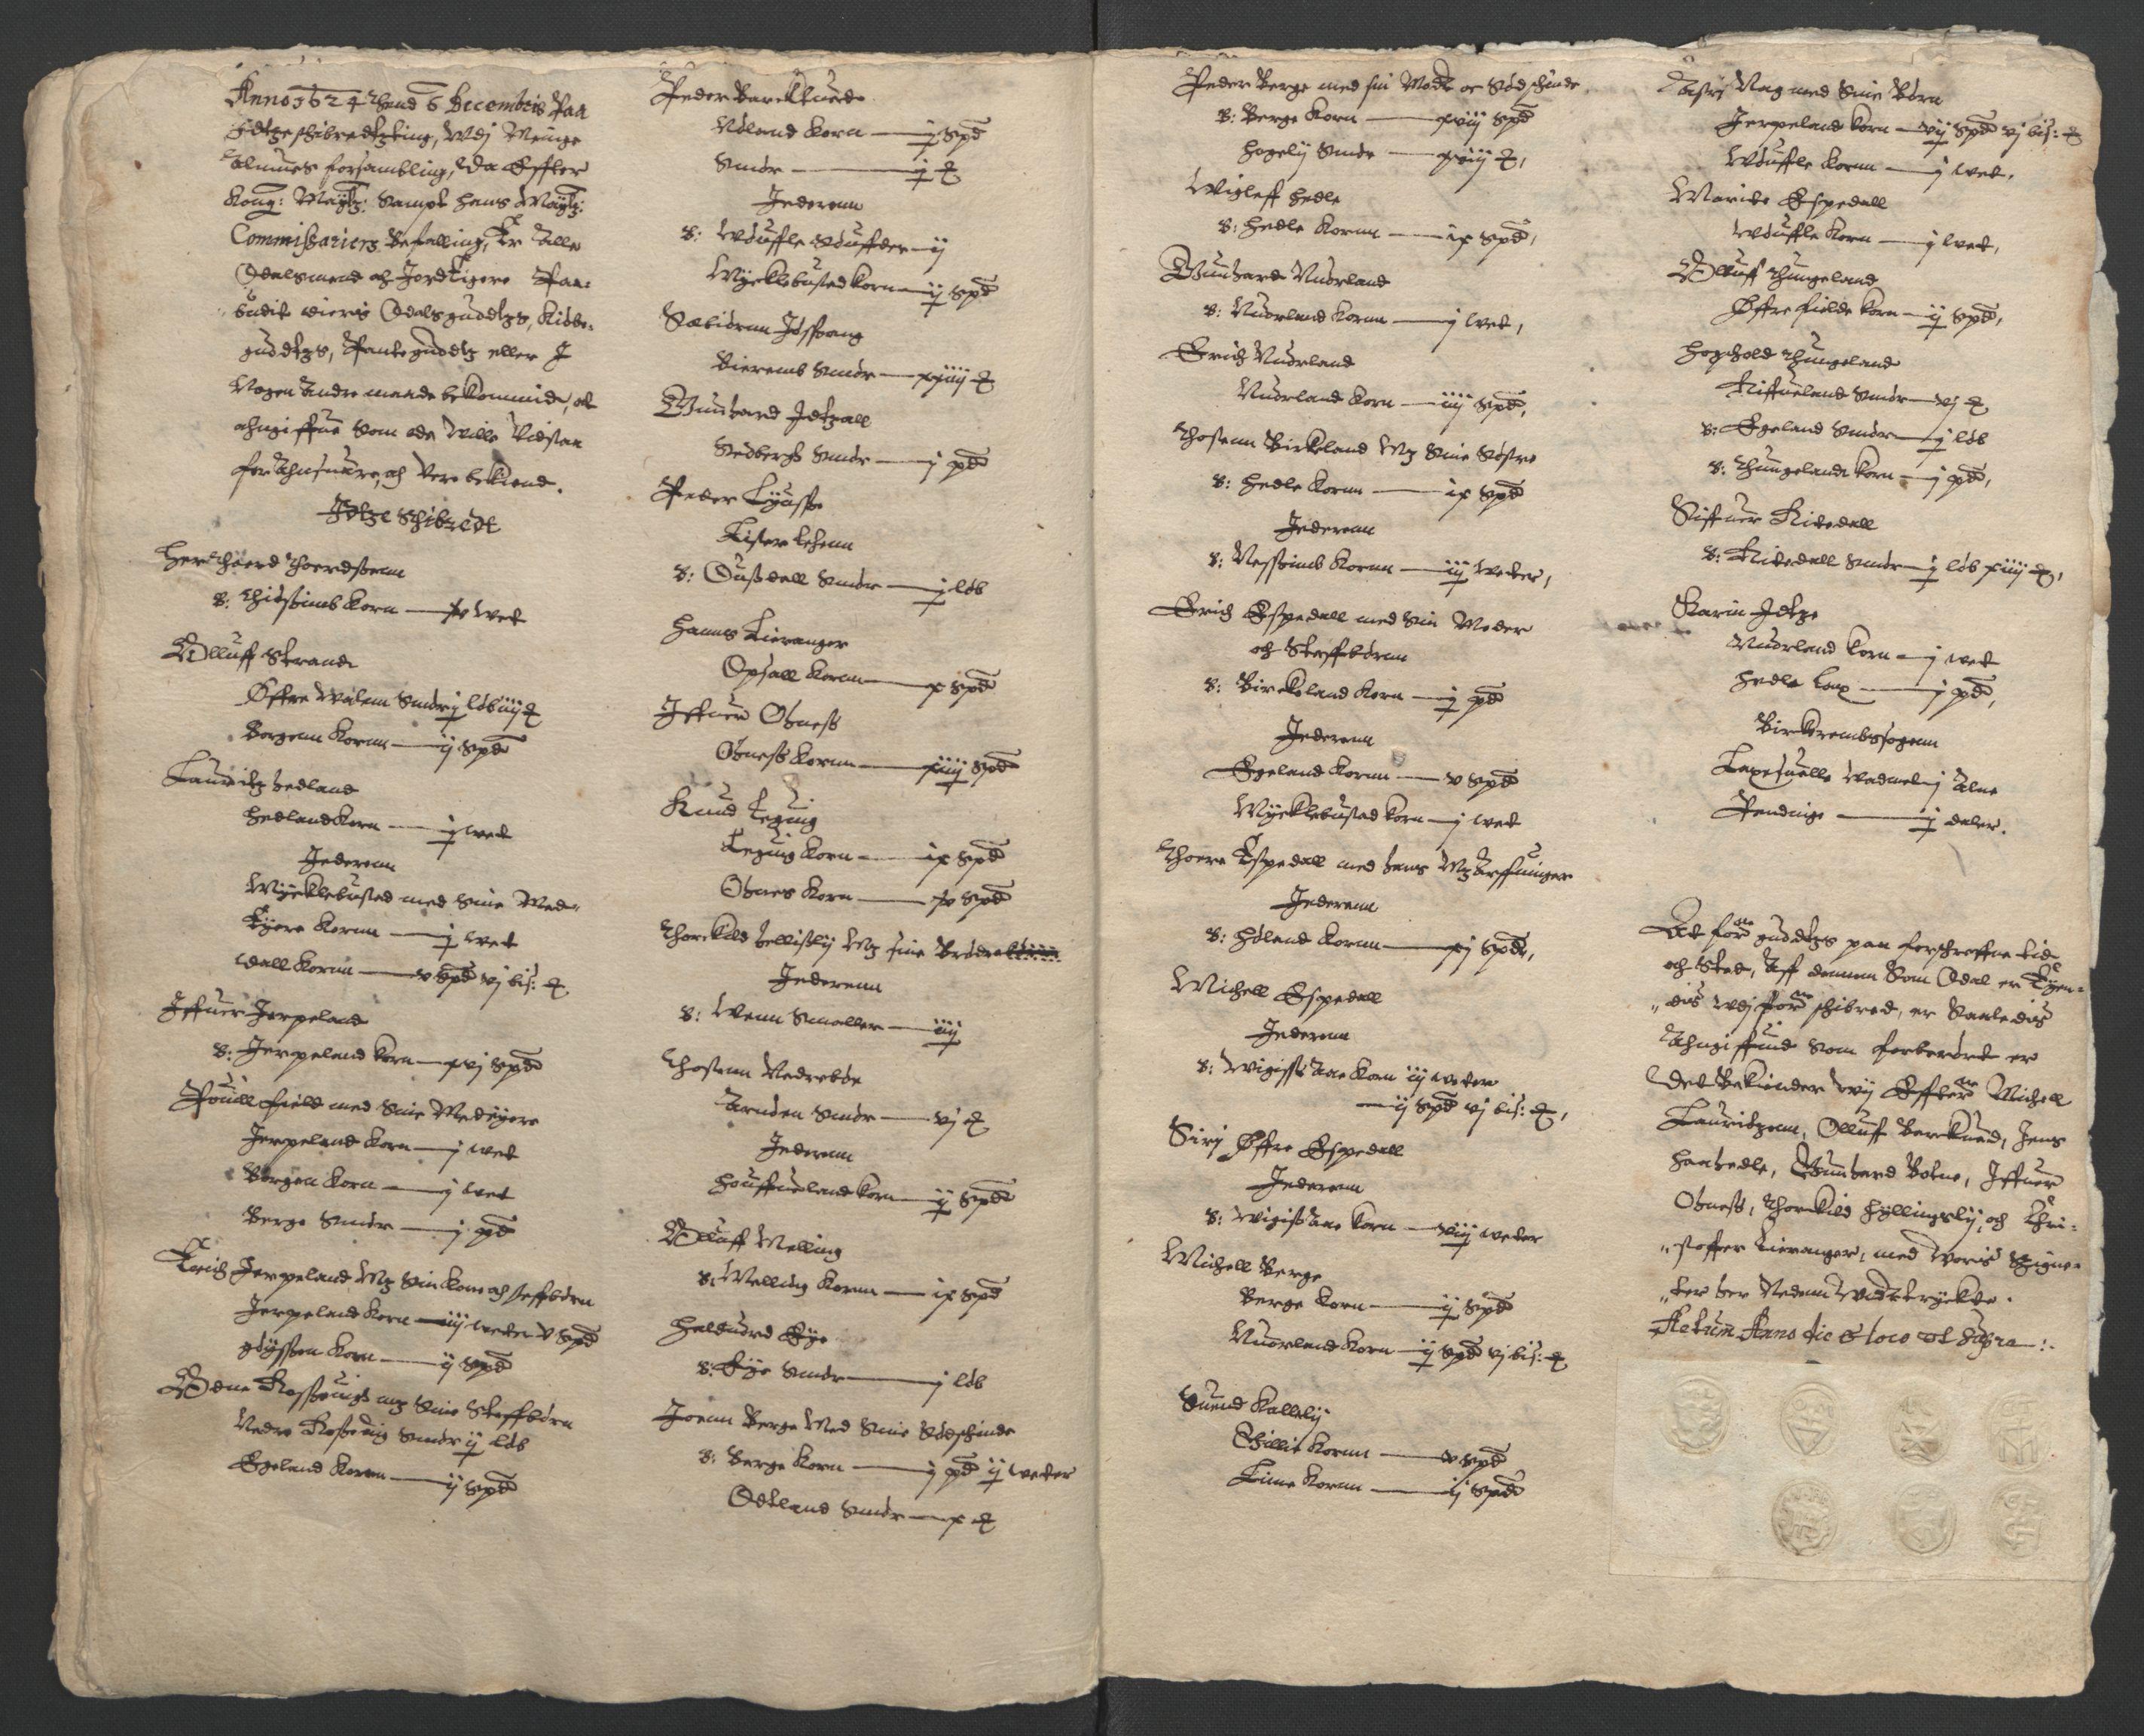 RA, Stattholderembetet 1572-1771, Ek/L0010: Jordebøker til utlikning av rosstjeneste 1624-1626:, 1624-1626, s. 29